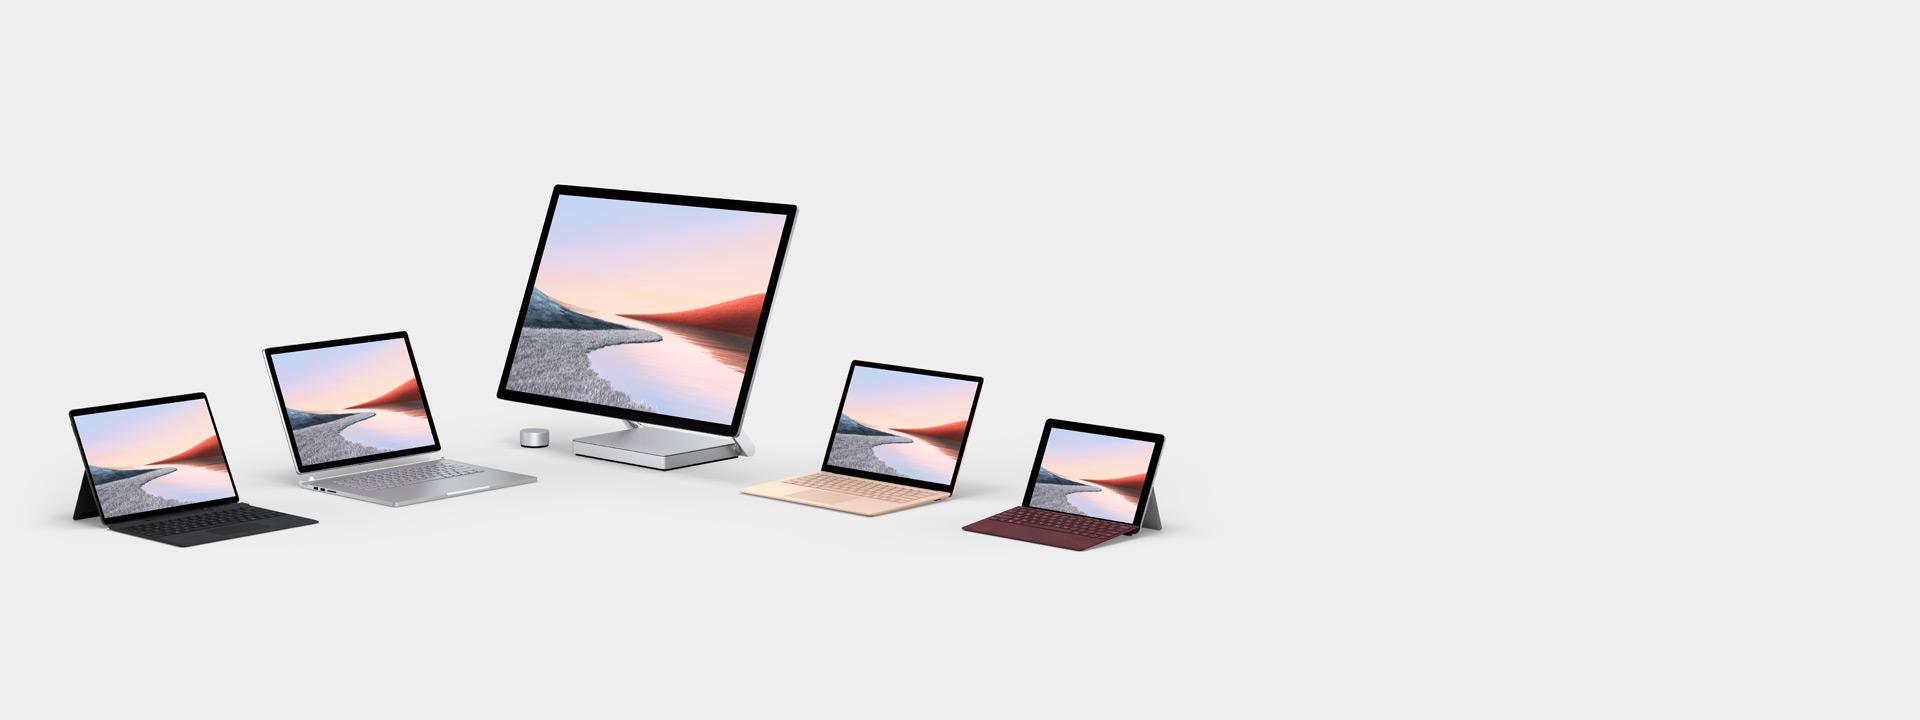 Une image présentant plusieurs ordinateurs Surface